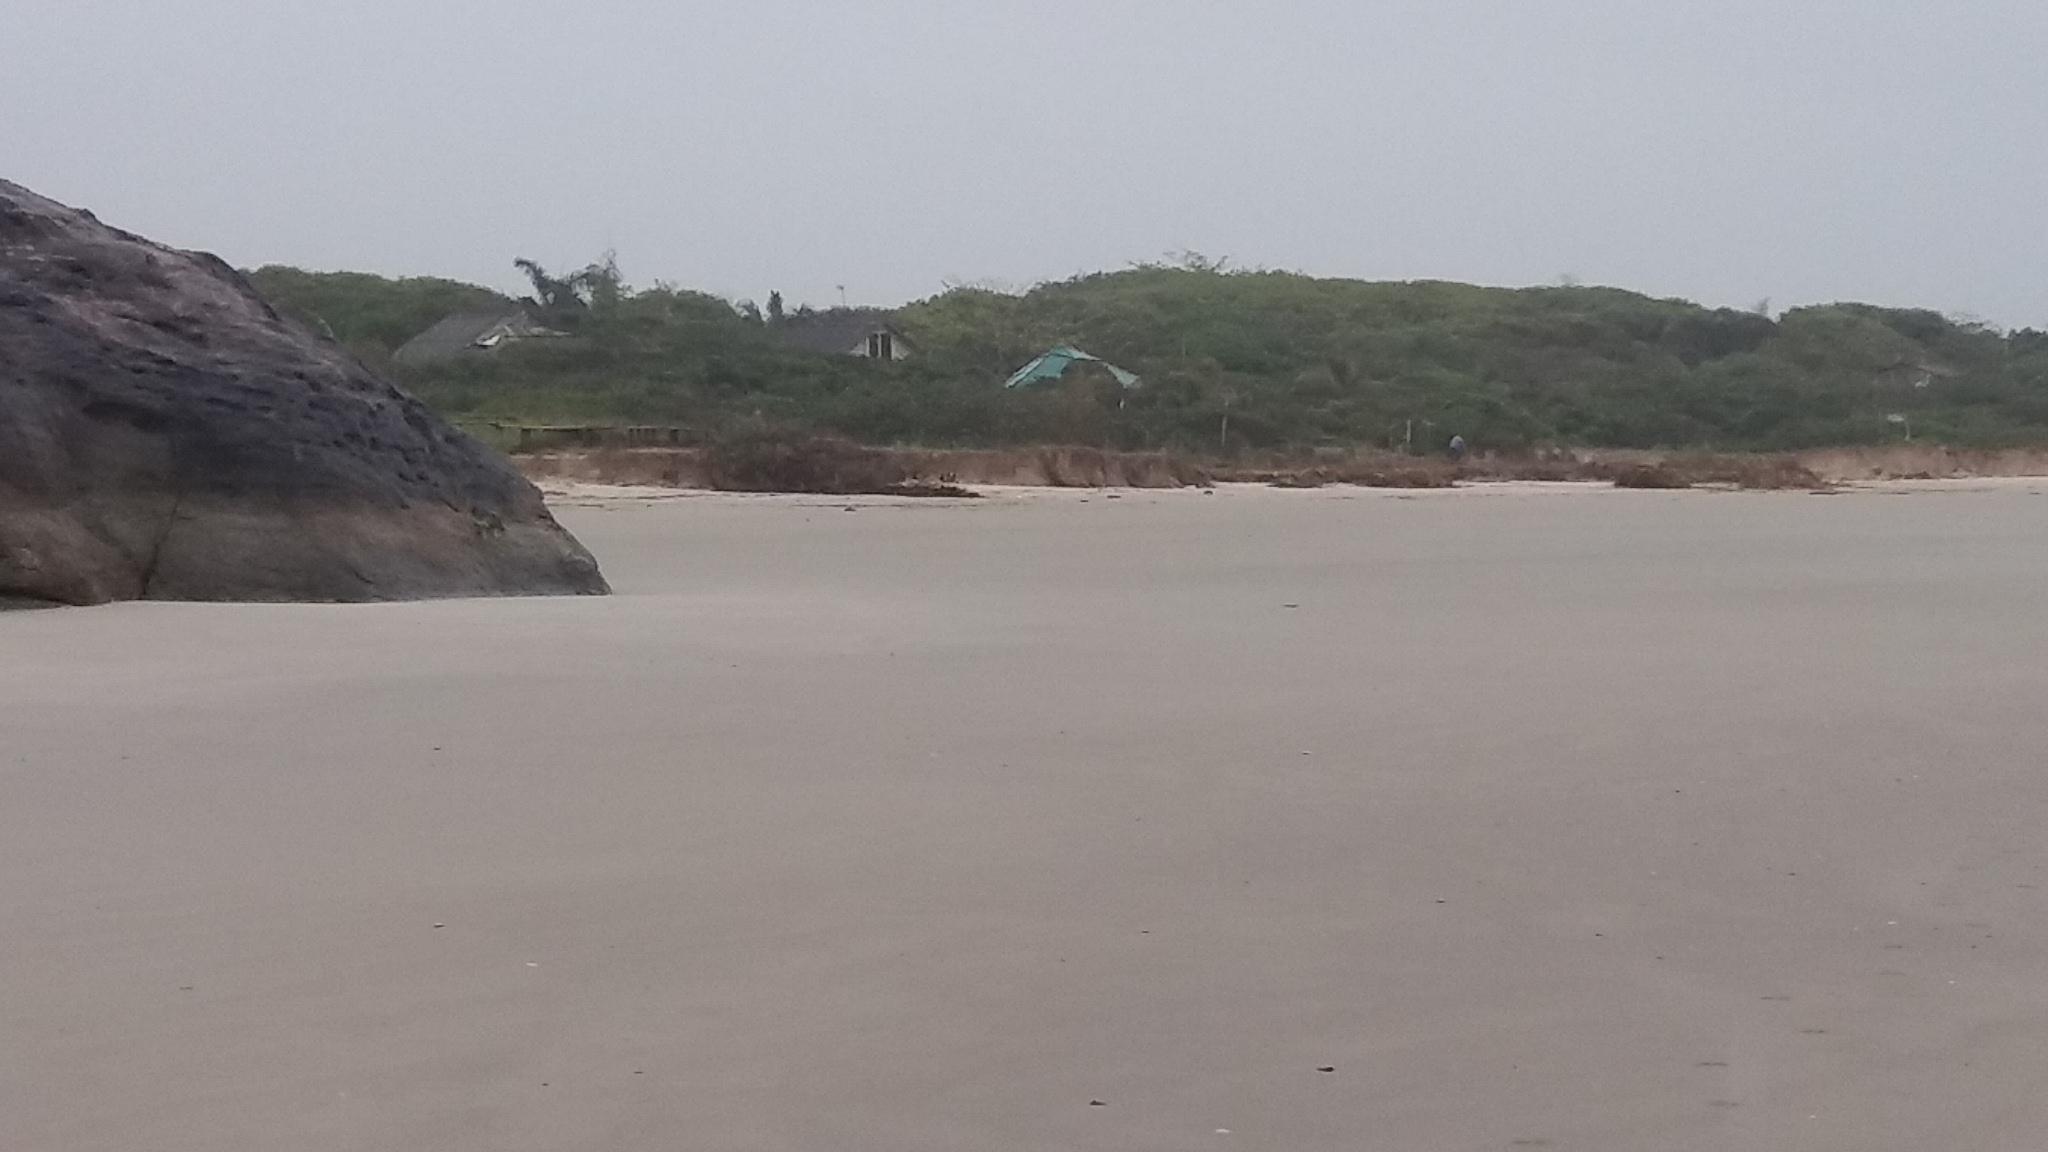 Pousada vista da praia